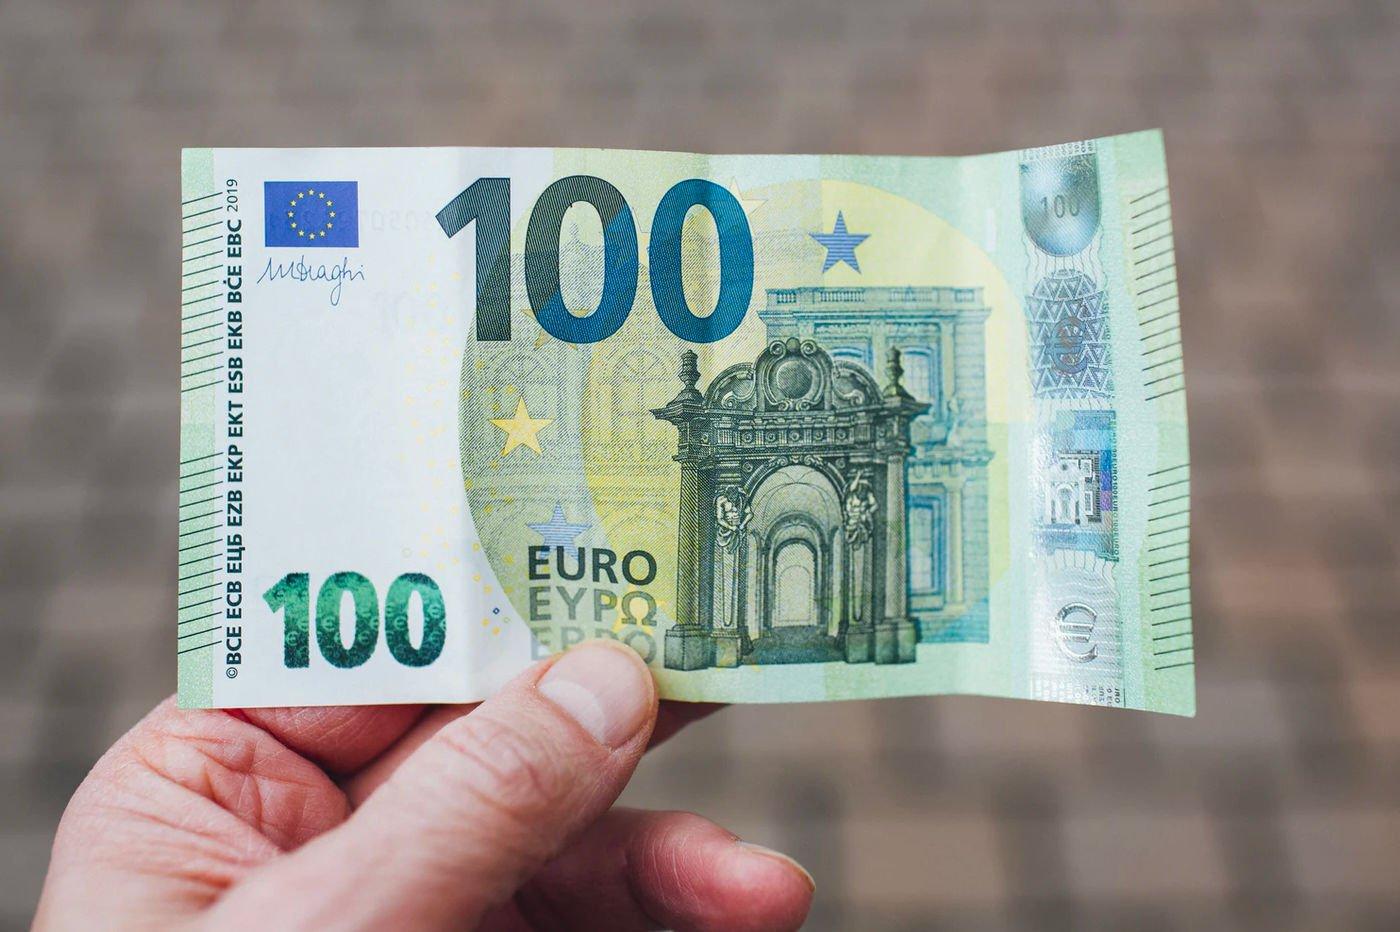 Banque : comment obtenir 130€ de prime en ouvrant un compte bancaire ?